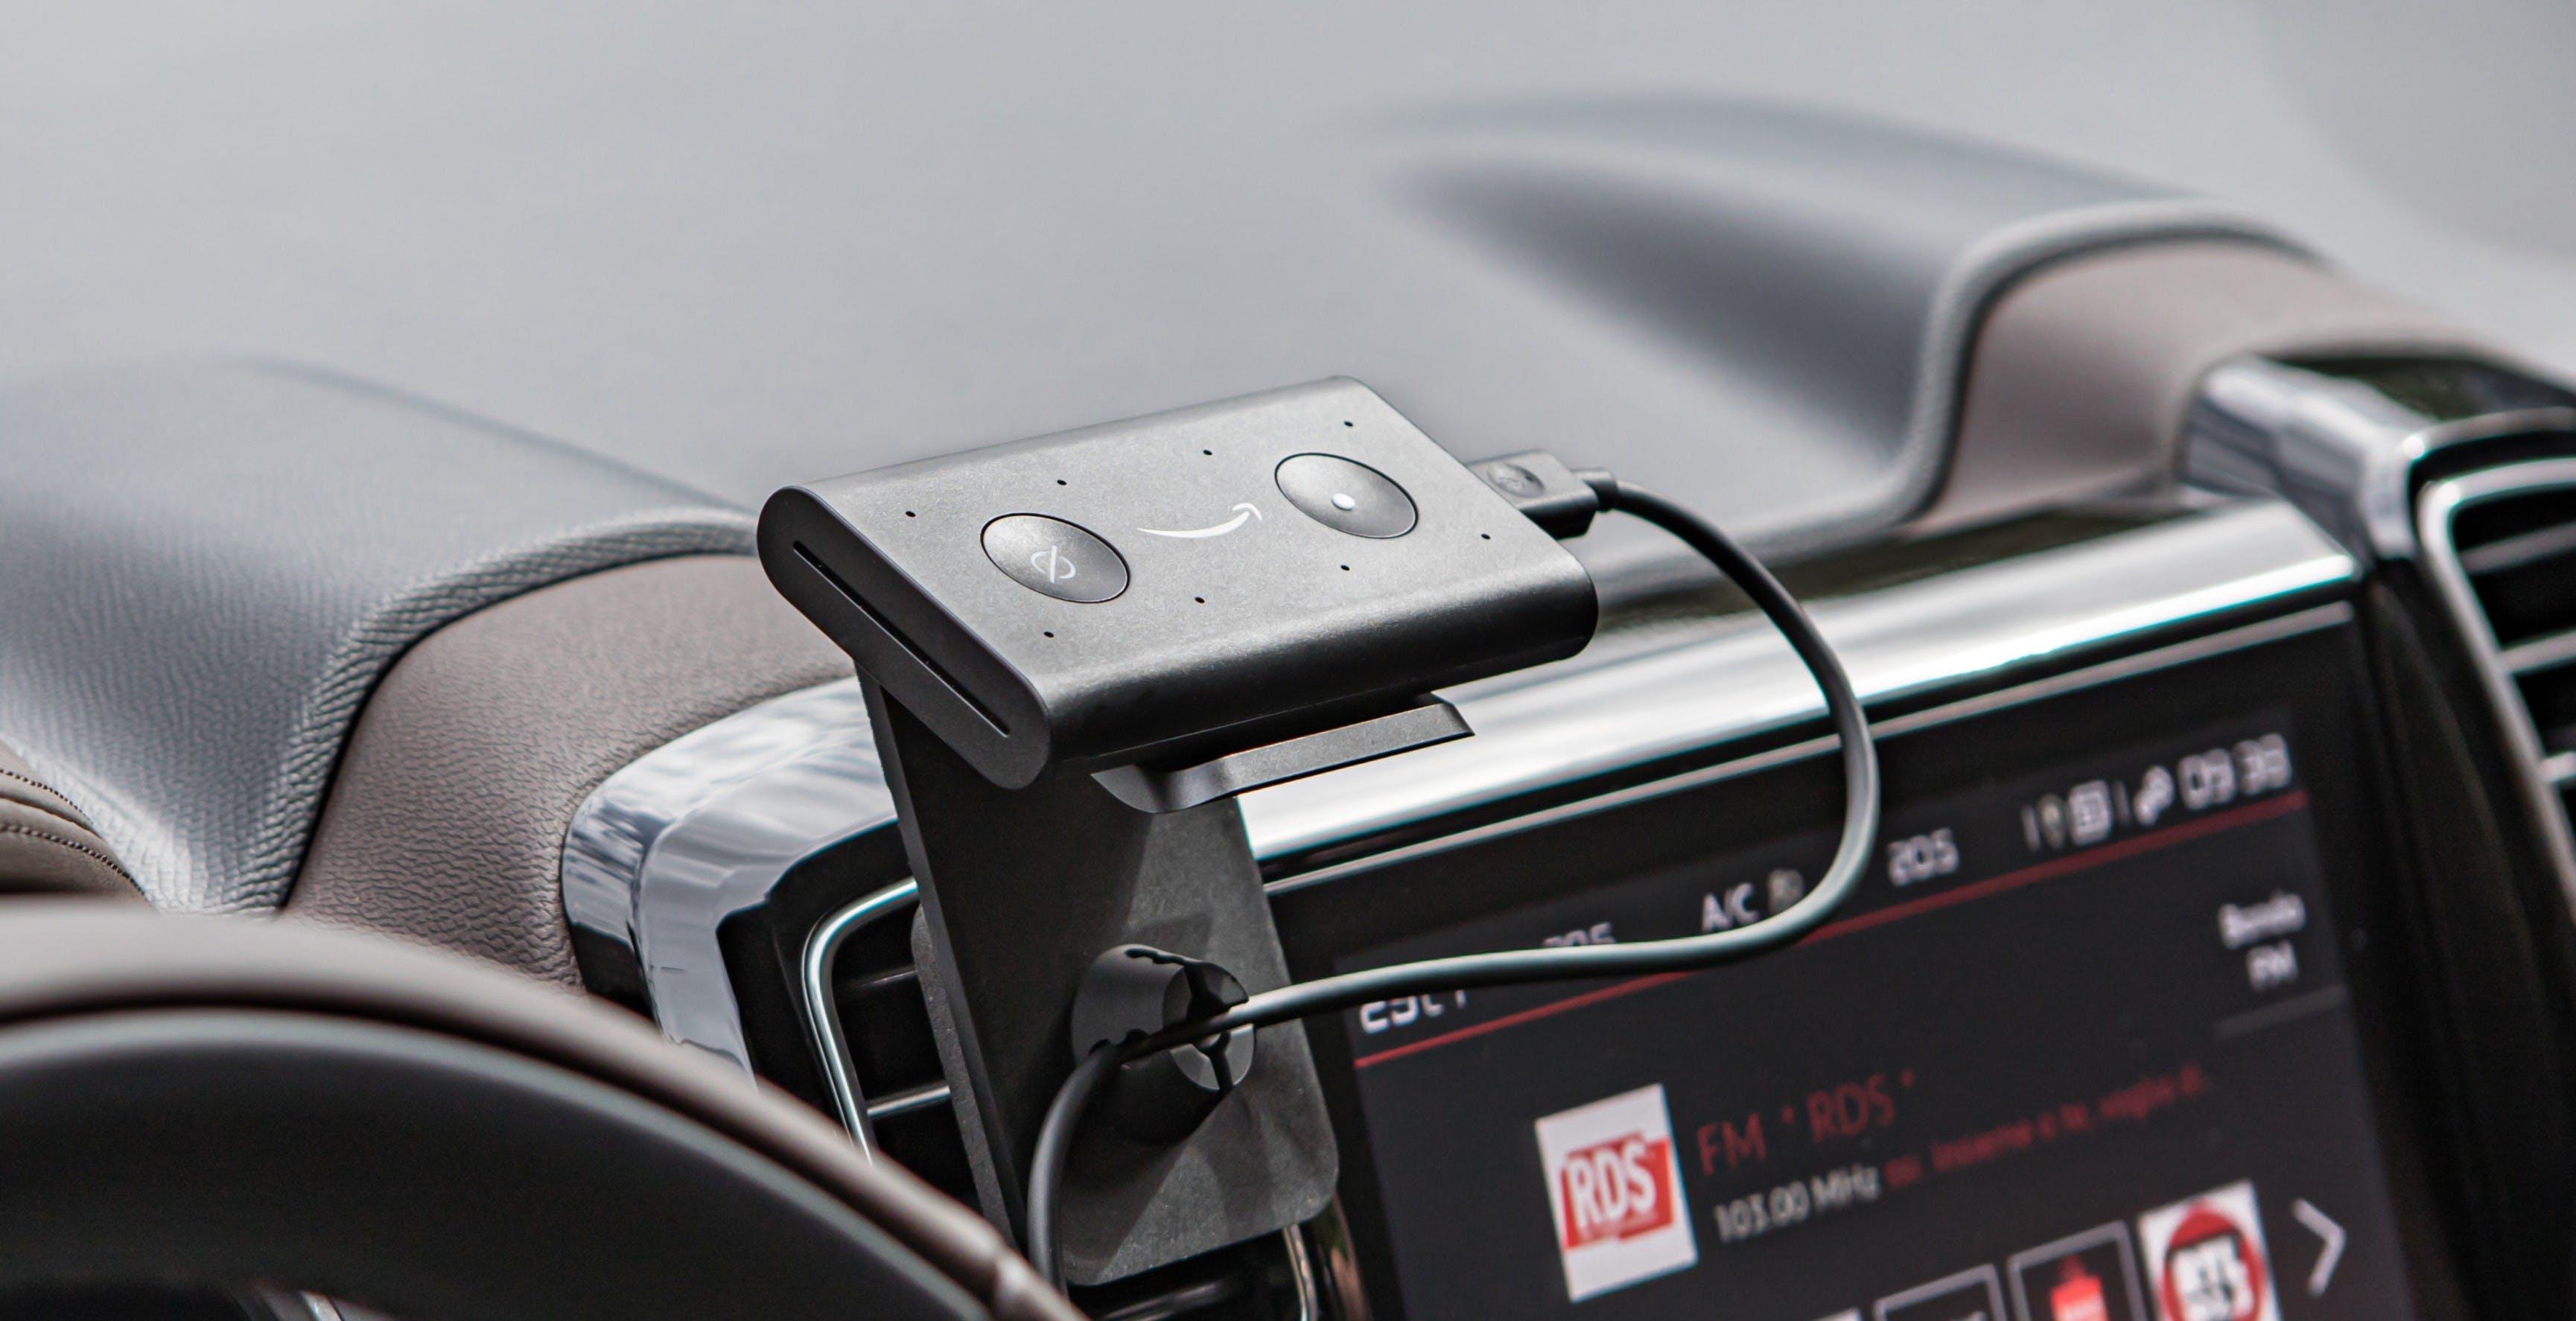 Alexa sale sull'auto: ufficiale Echo Auto. Otto microfoni e si collega all'accendisigari